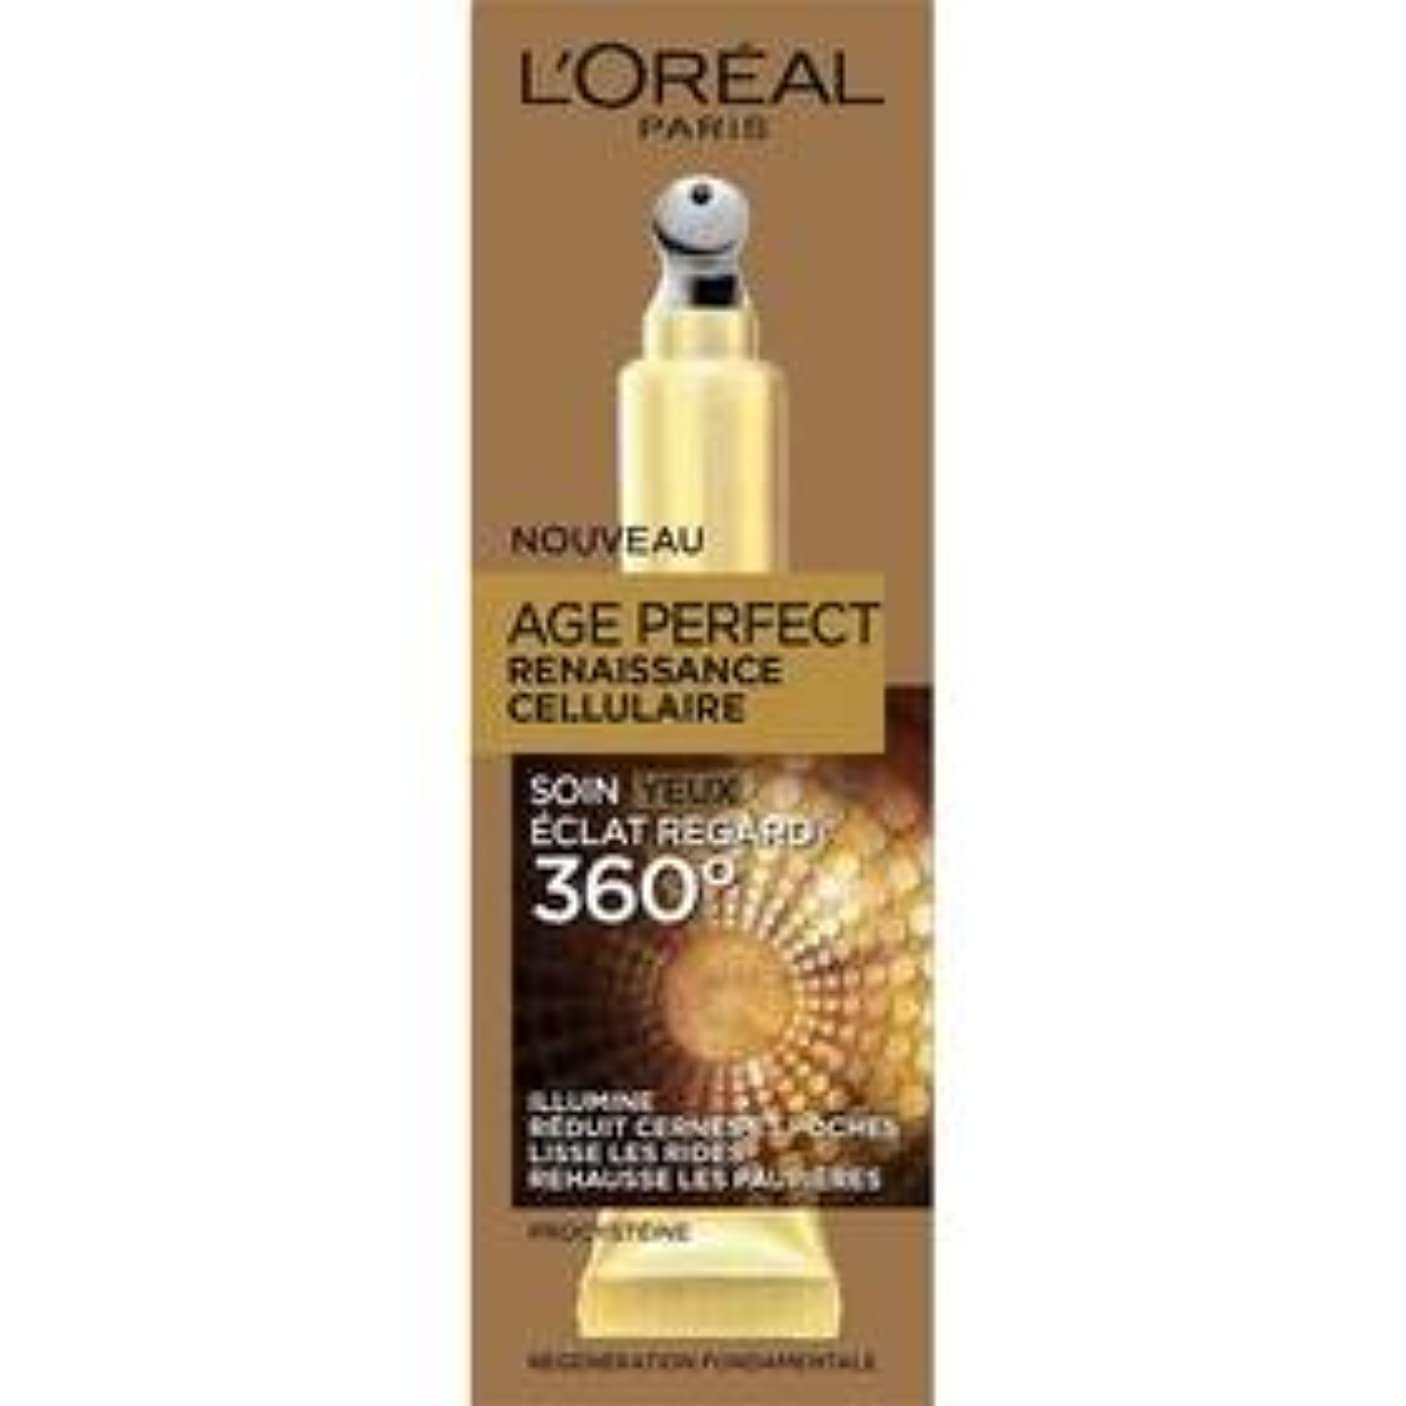 人差し指レビュアー緯度L'oreal age perfect soin yeux renaissance cellulaire 360° 15ml- (for multi-item order extra postage cost will...